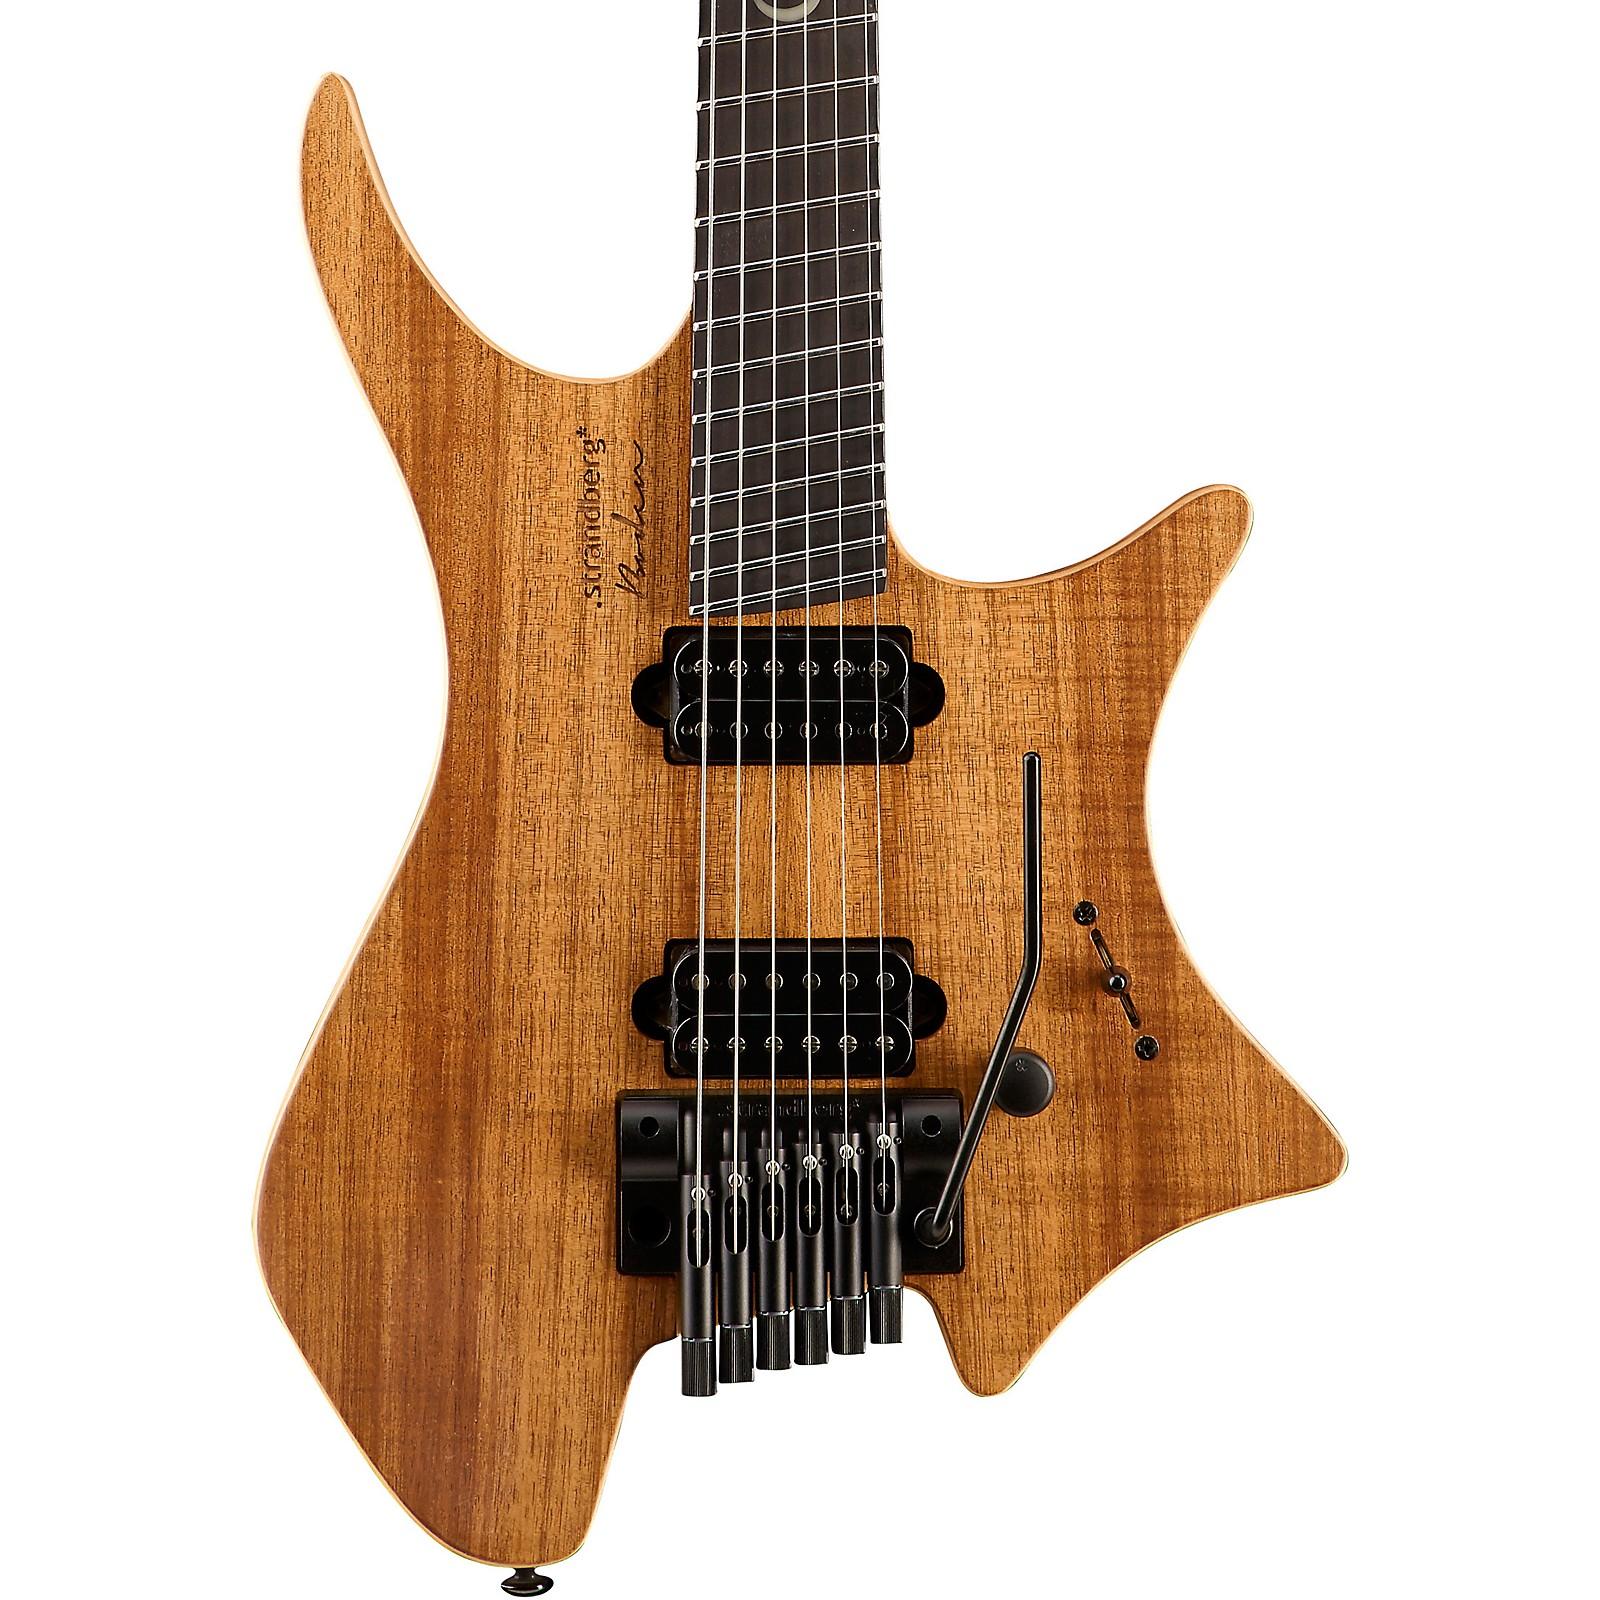 Strandberg Boden Plini Edition Electric Guitar